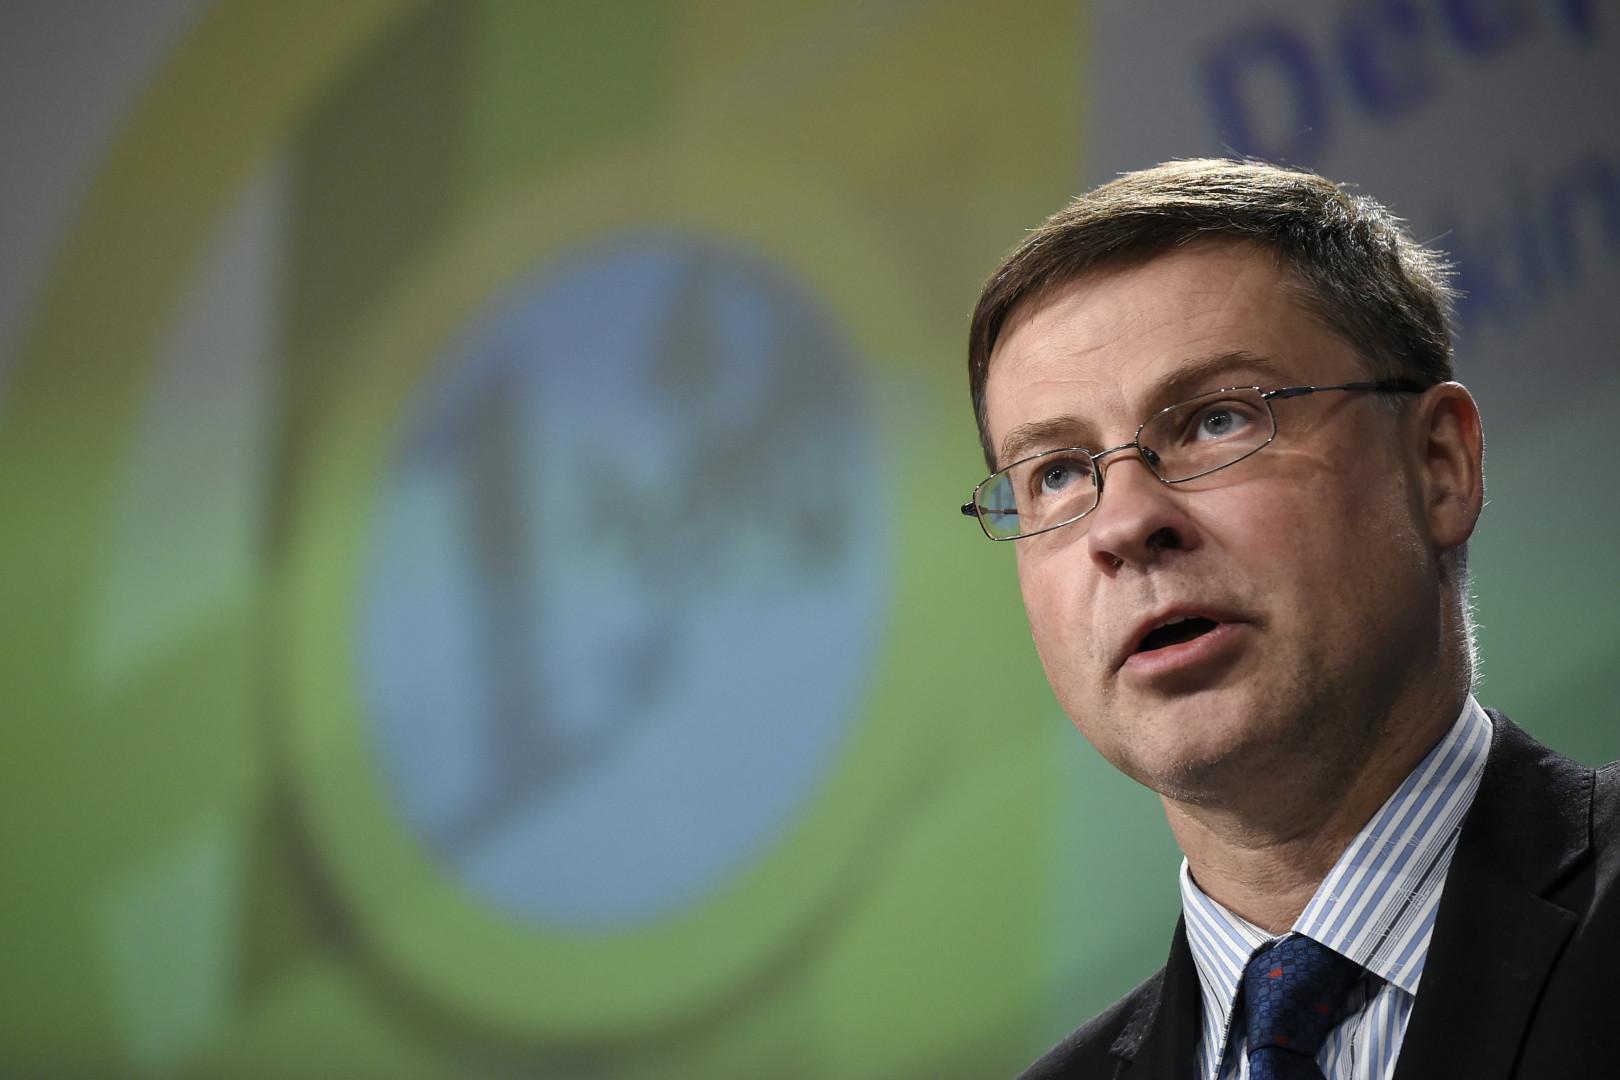 Le libéral-conservateur letton Valdis Dombrovskis est commissaire pour les services financiers